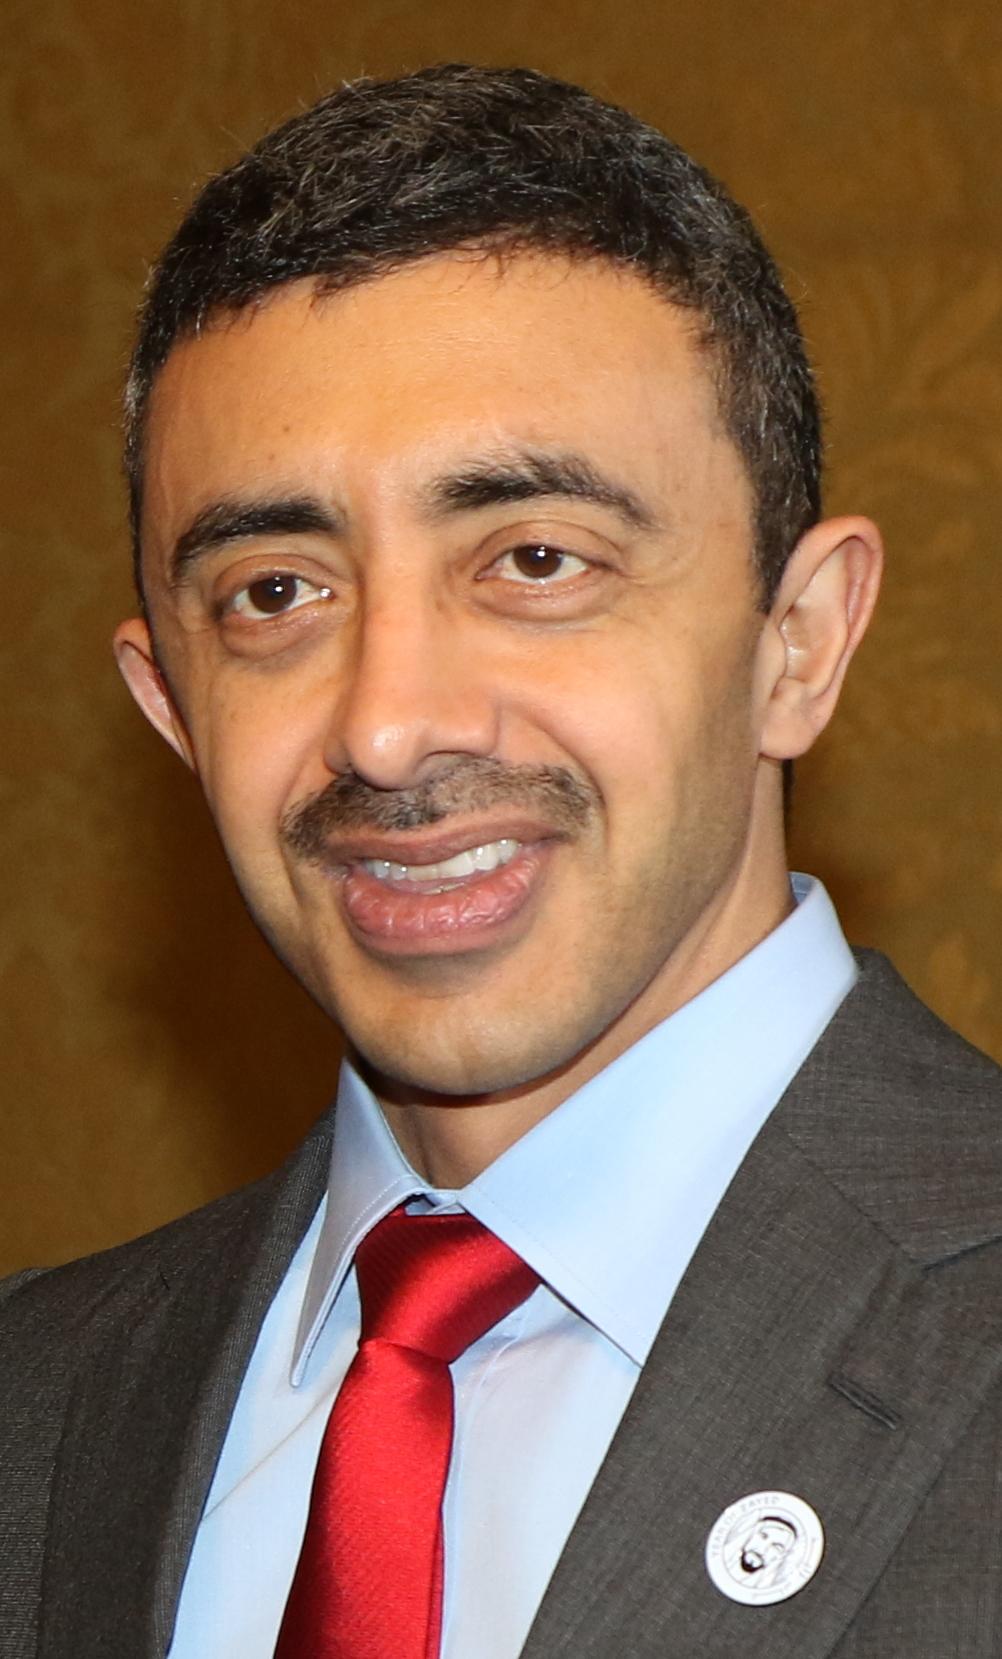 عبد الله بن زايد آل نهيان ويكيبيديا